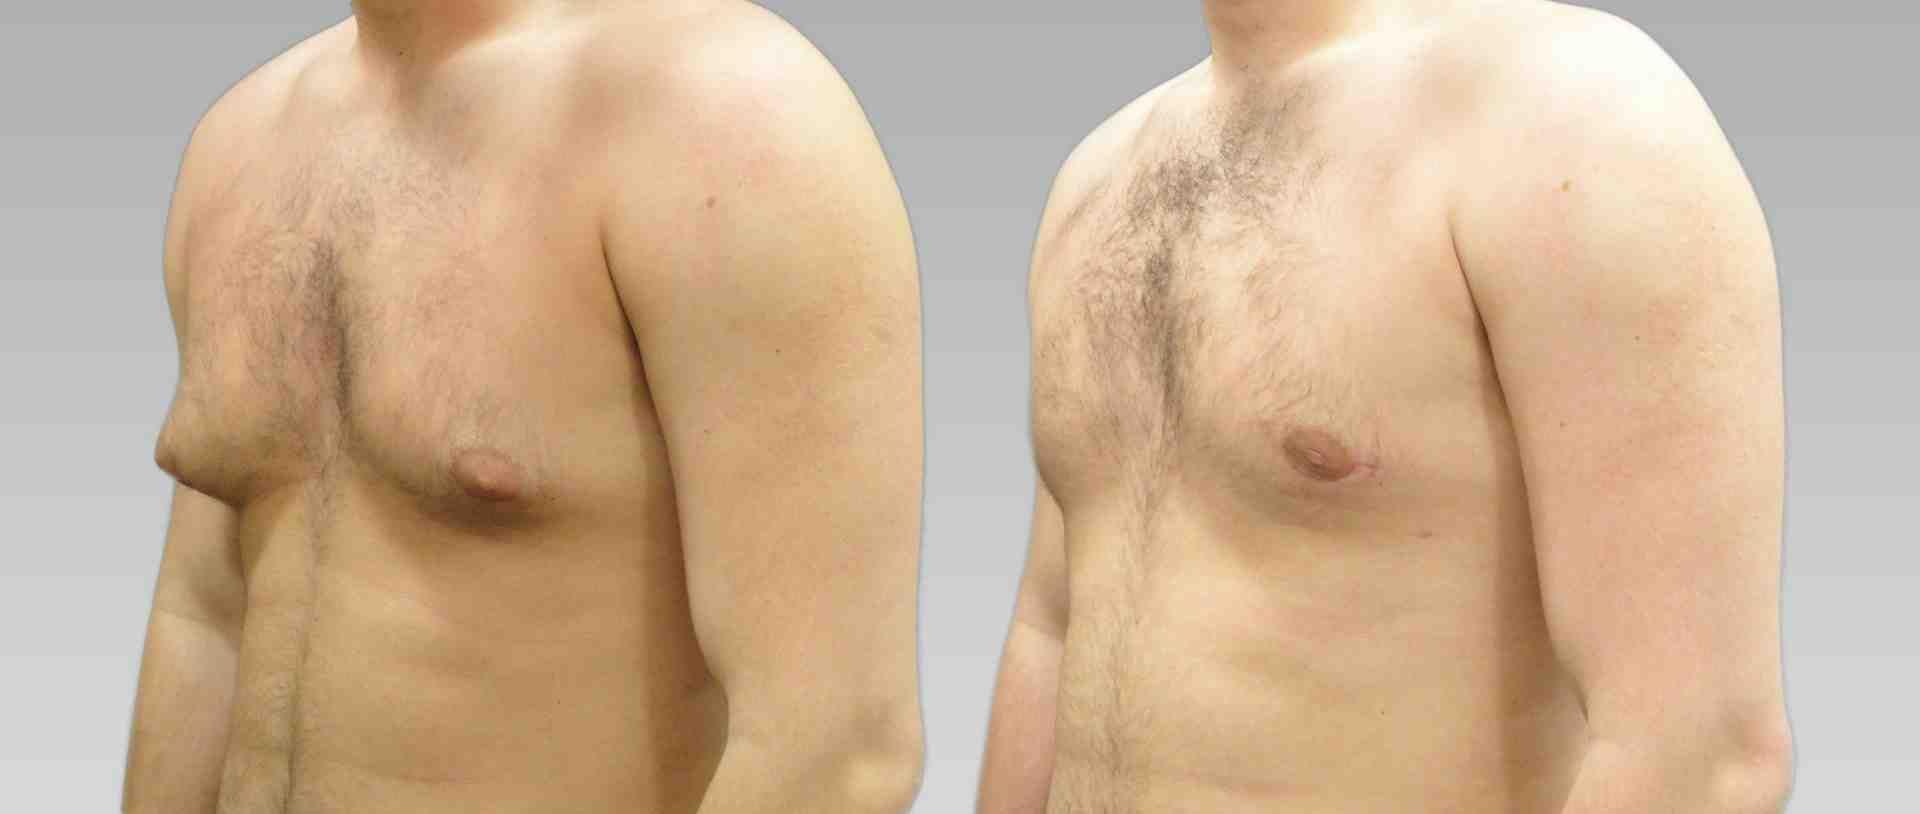 Фото больших ореол и сосков, Большие ореолы груди (big nipples) фото и видео 27 фотография